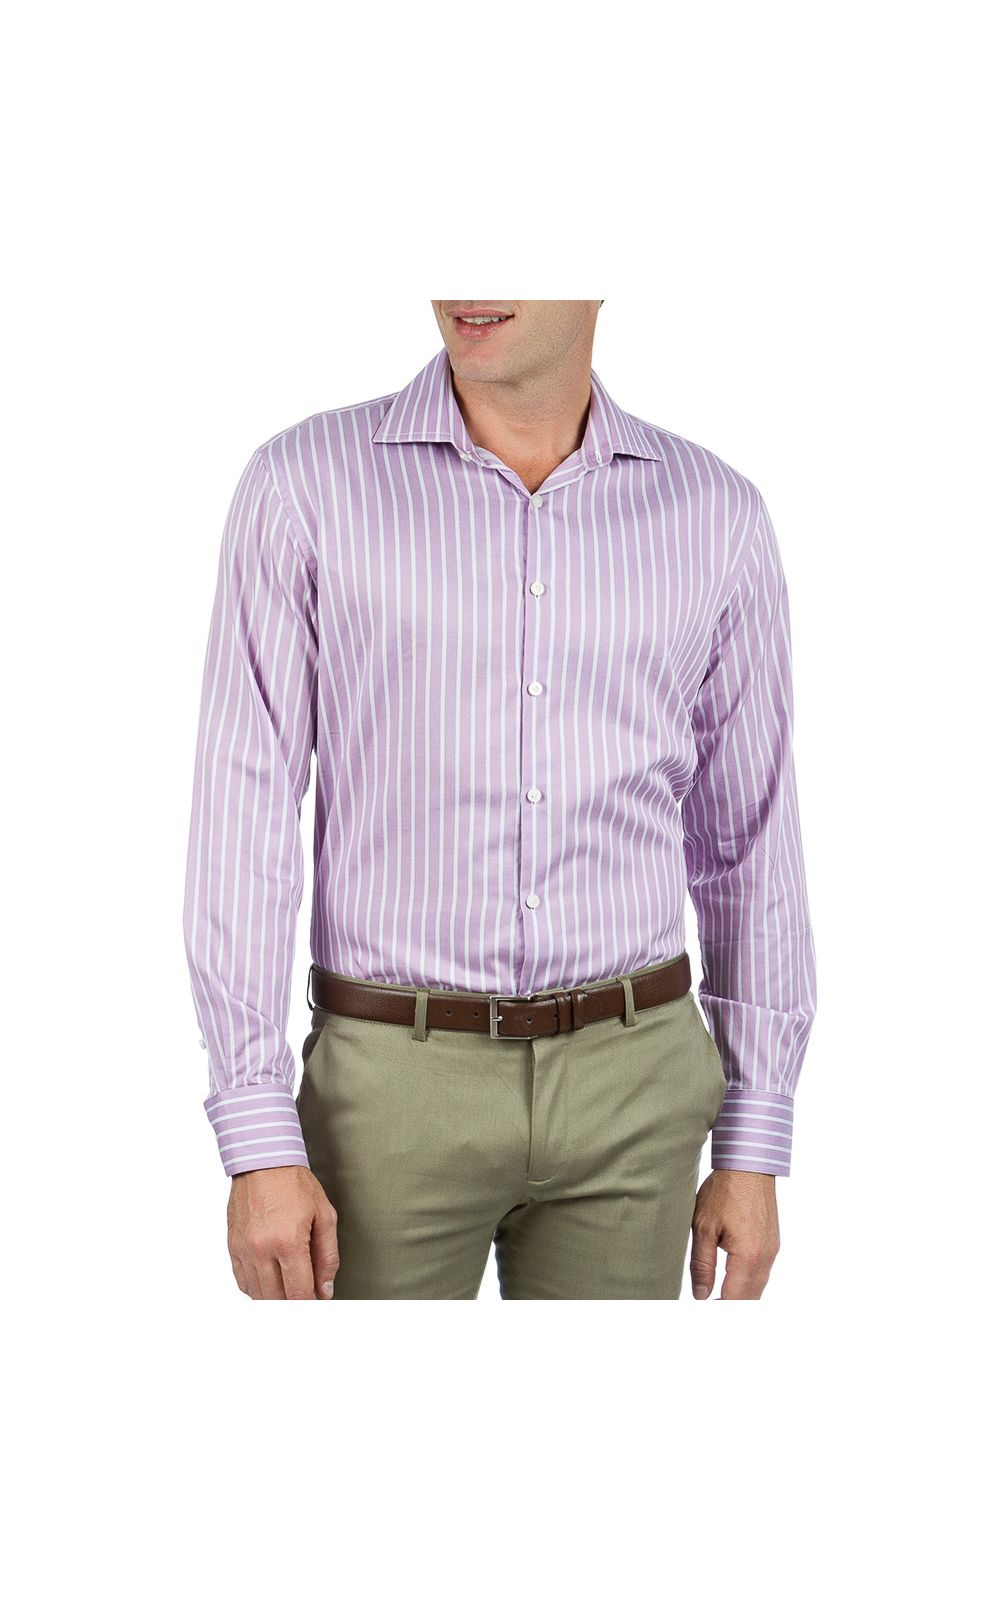 Foto 1 - Camisa Social Masculina Lilás Listrada